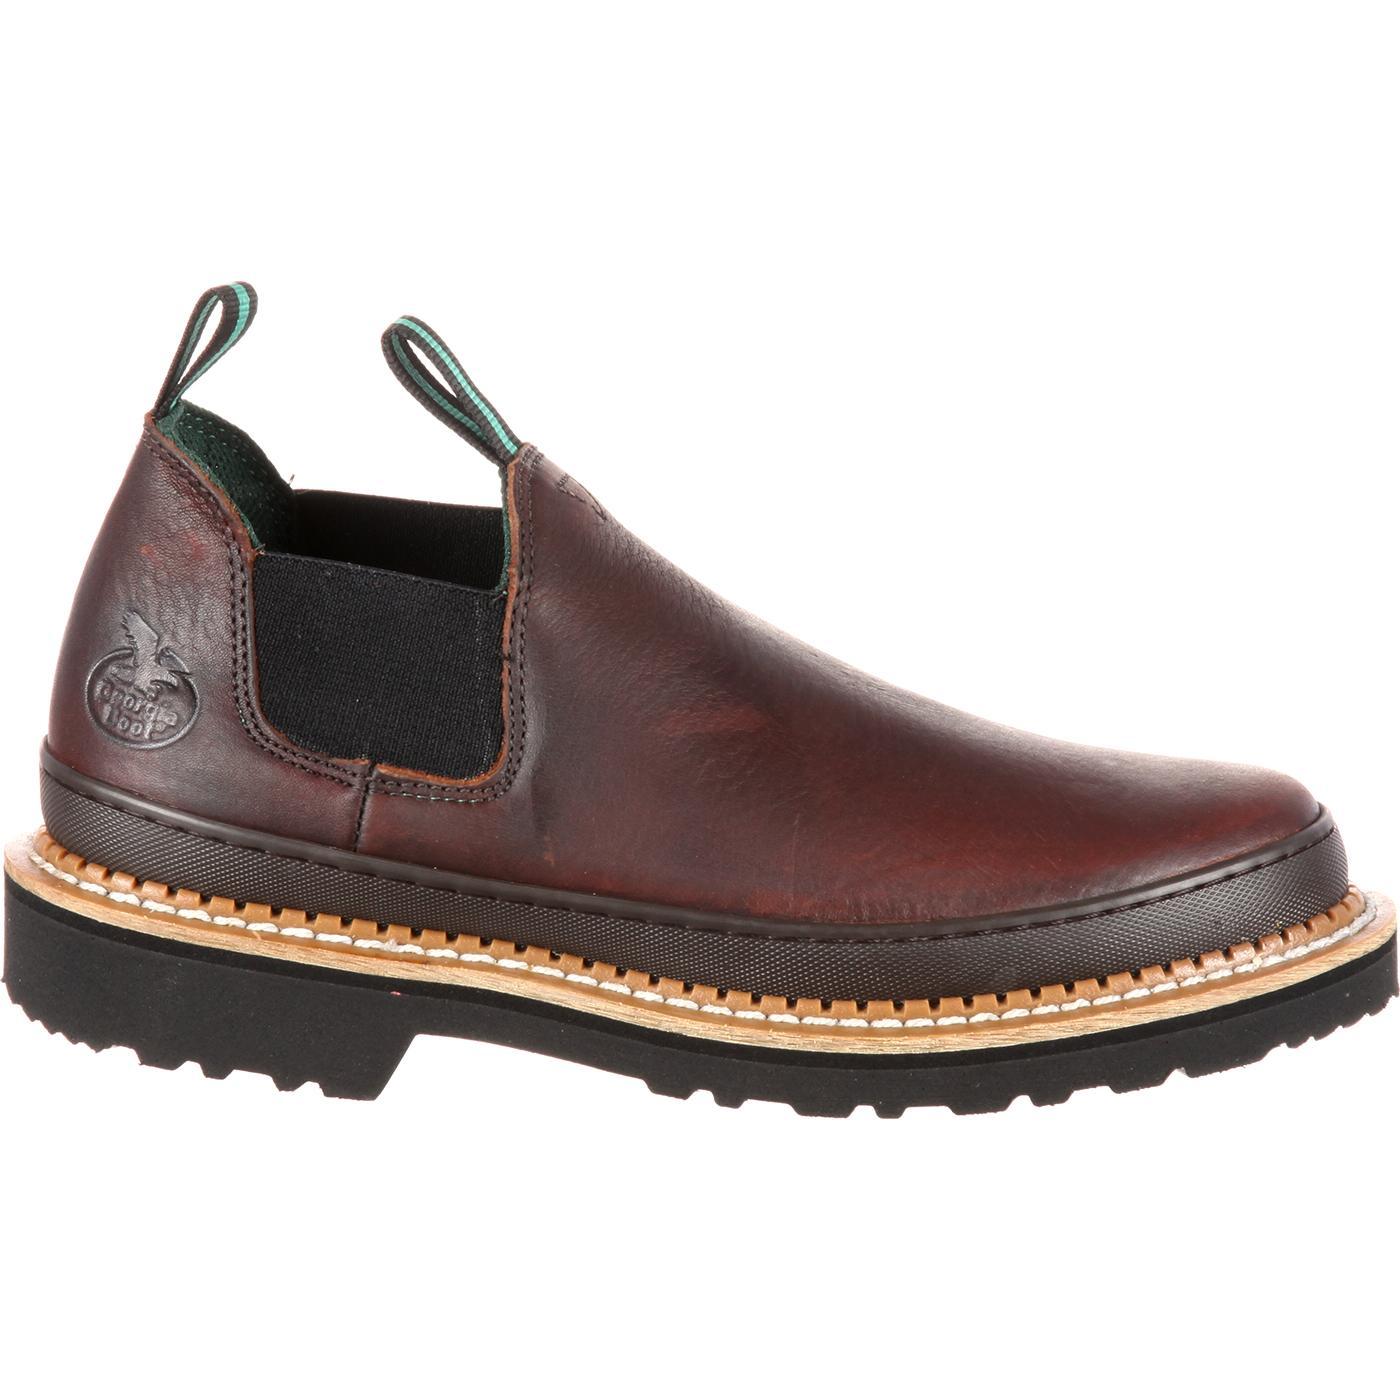 a8774df3c1c Georgia Giant Romeo Work Shoe